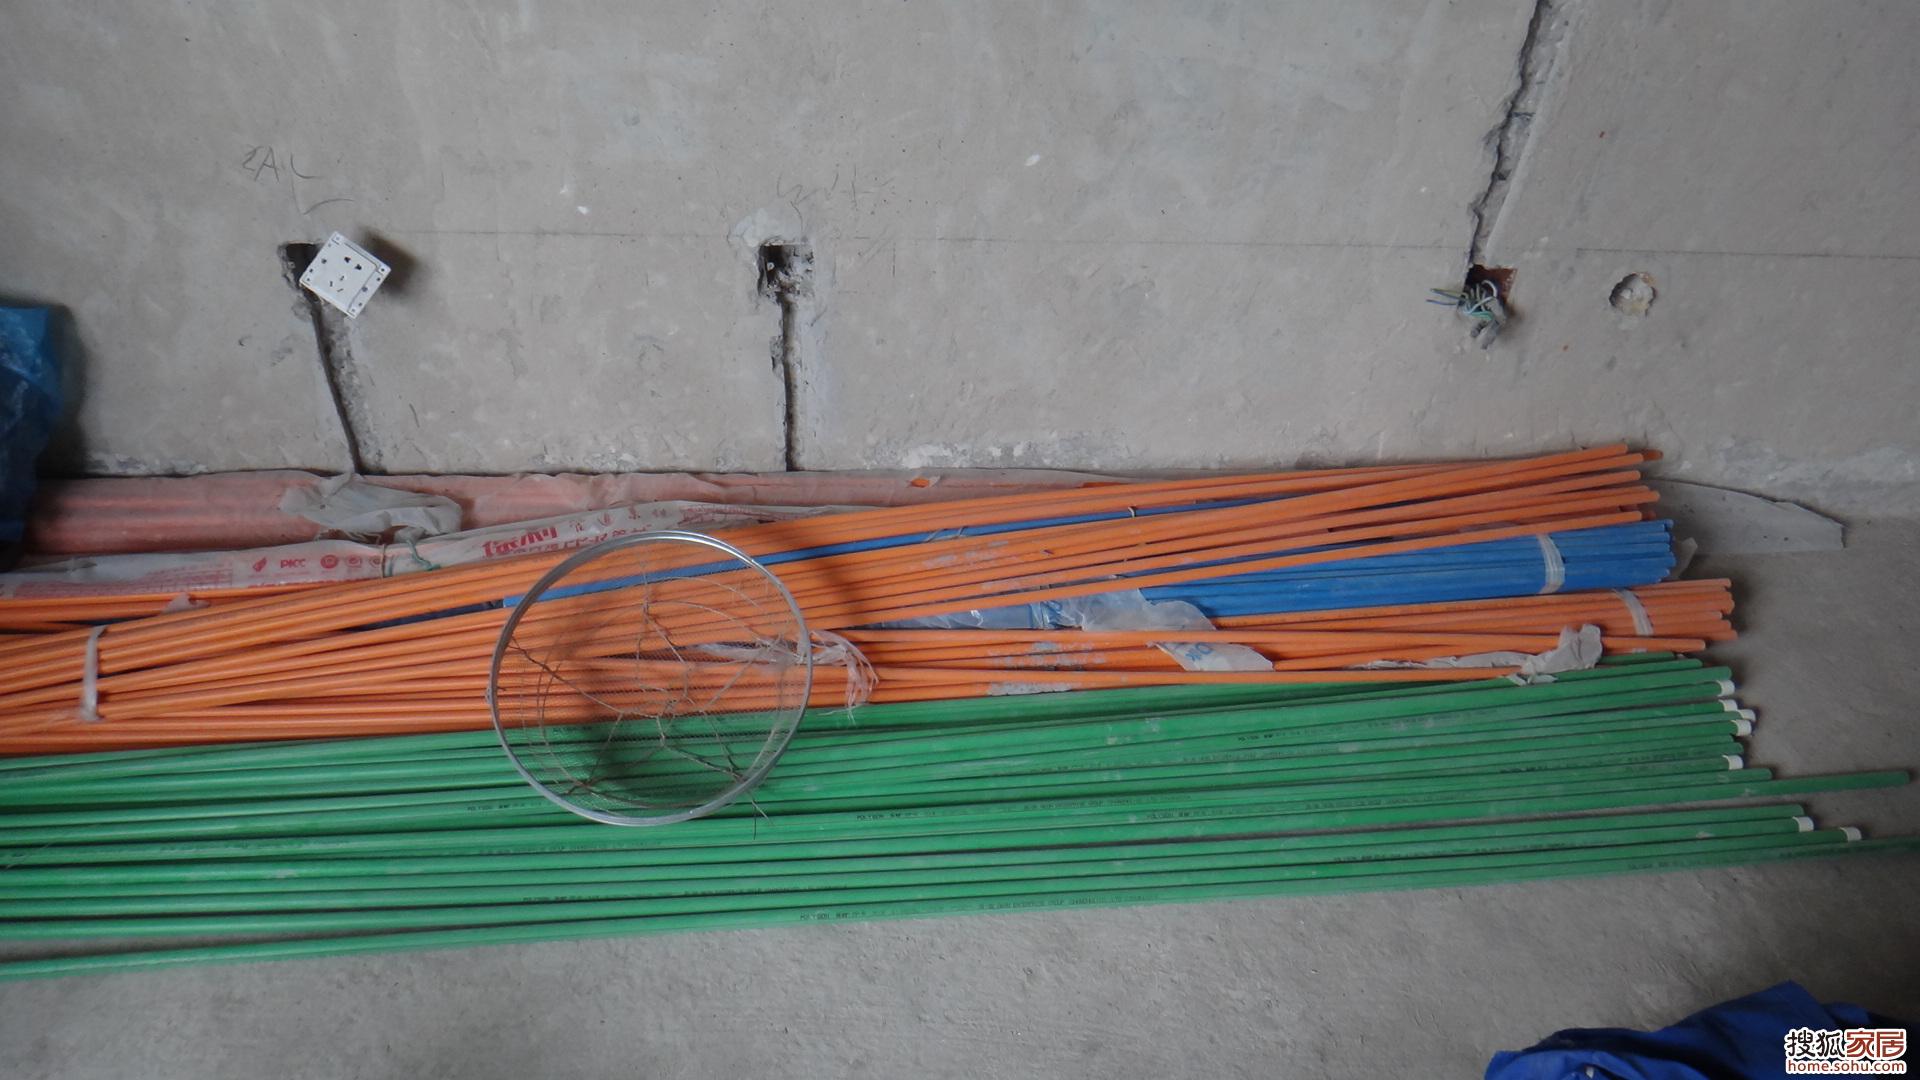 水电施工现场-在上一篇曾提及,采暖炉是水 电 气三种管道集中布线高清图片